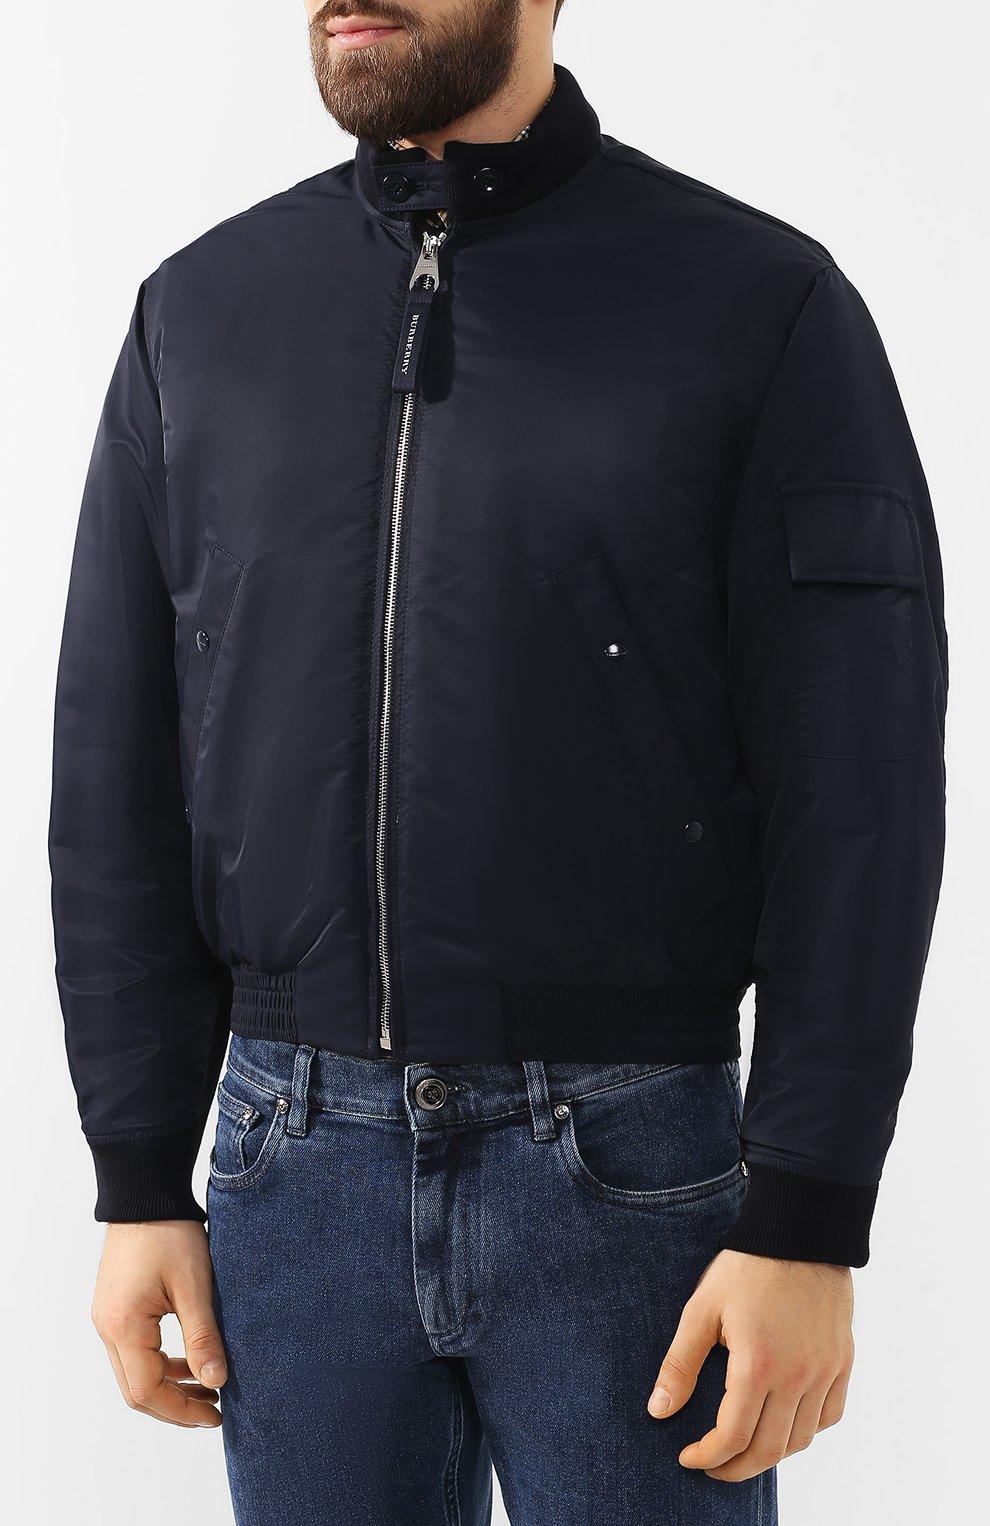 Мужские куртки Burberry по цене от 29 900 руб. купить в интернет-магазине  ЦУМ 638481a2e47